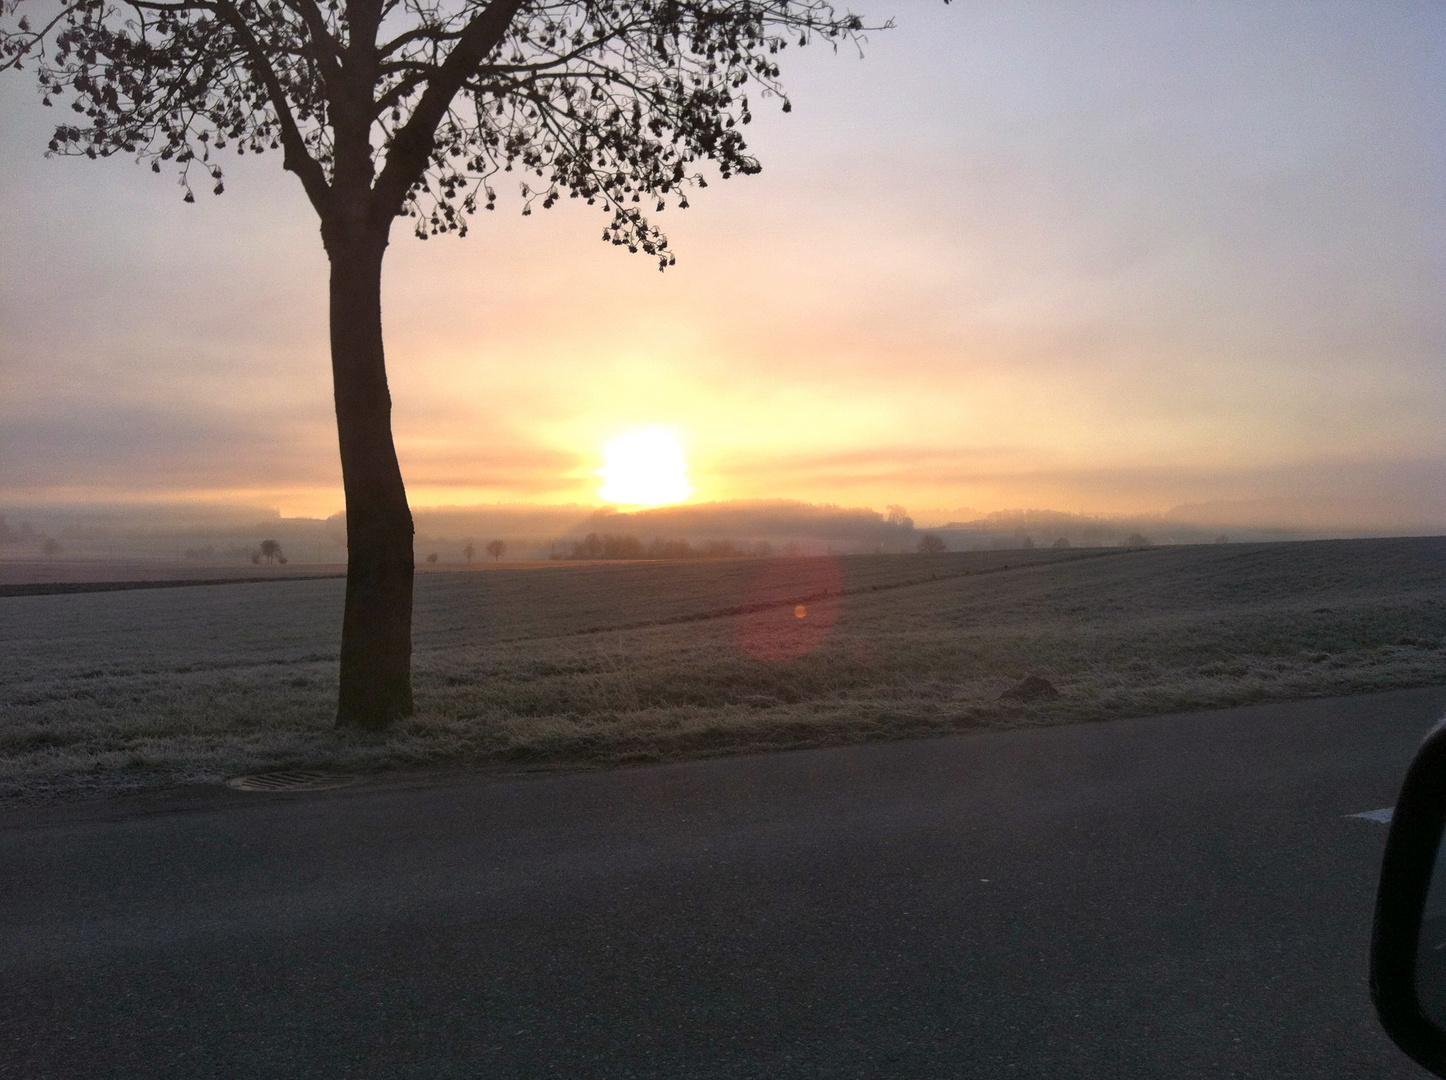 Morgenstunden im Dunst gefunden